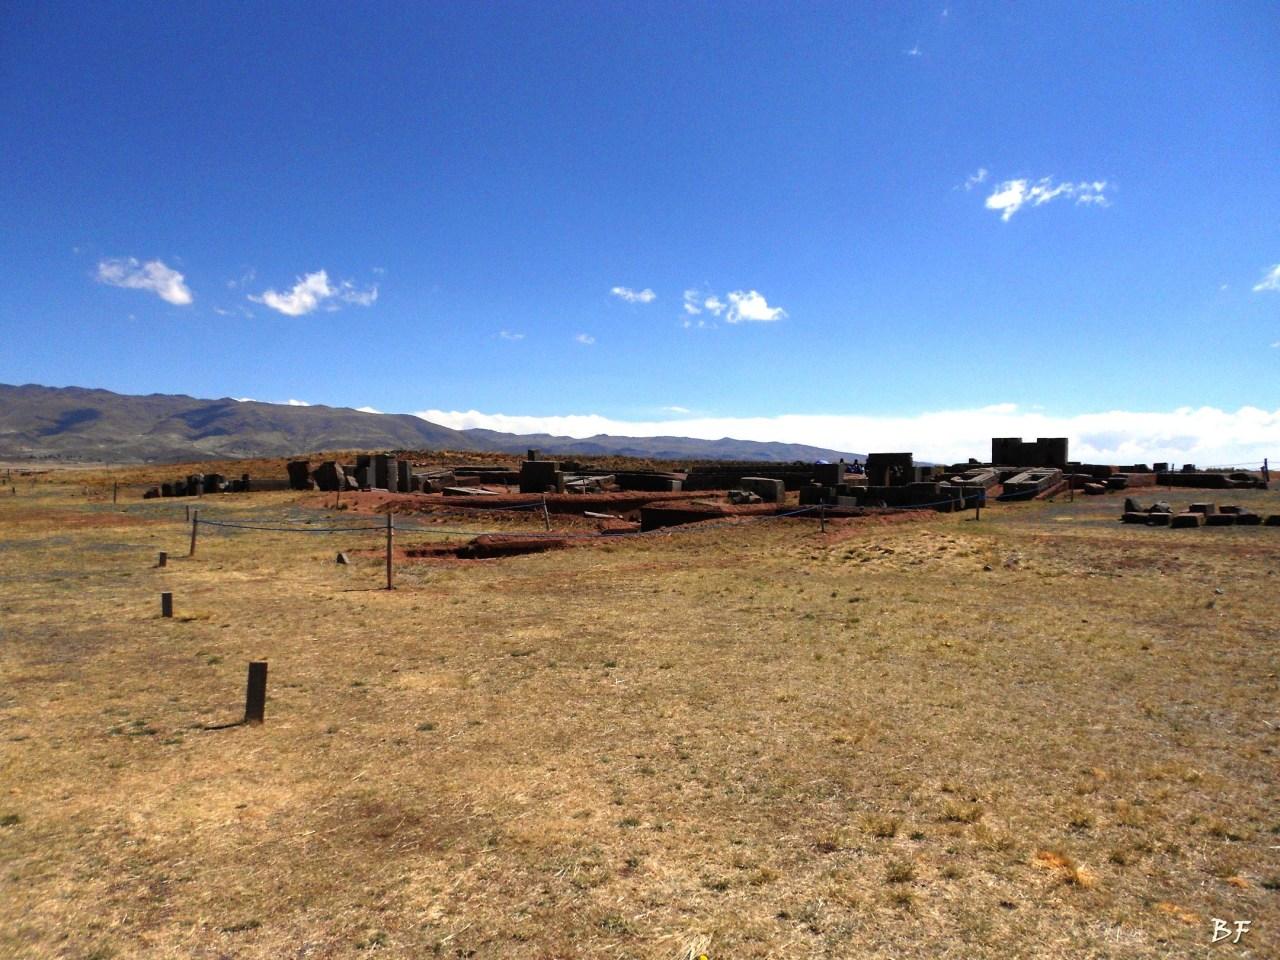 Puma-Punku-Area-Megalitica-Mura-Poligonali-Megaliti-Tiwanaku-Tiahuanaco-Bolivia-63